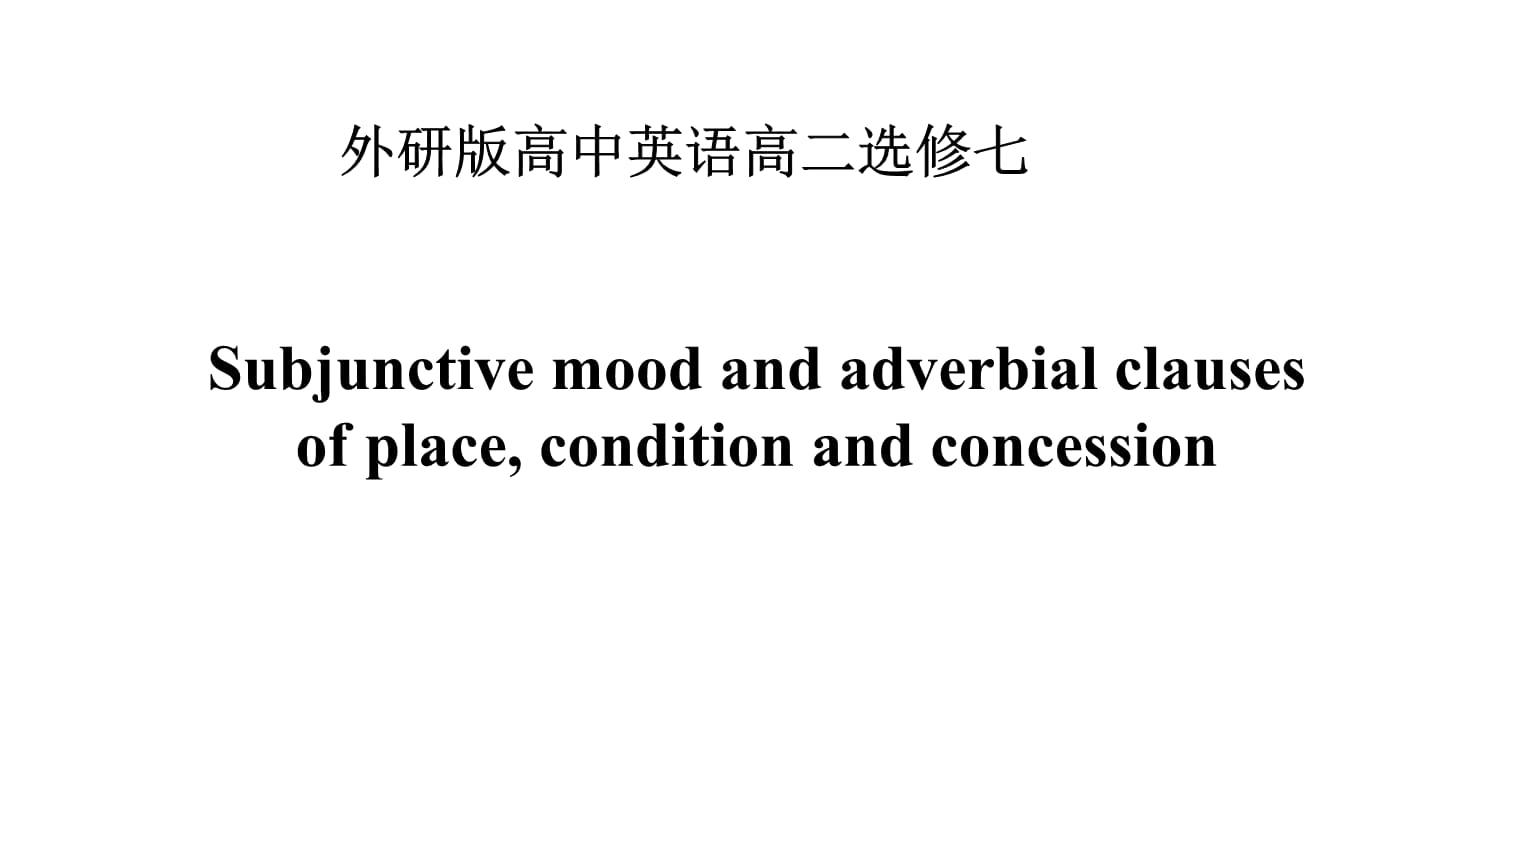 高中-英语-外研版-高中英语高二选修七 Module 6 语法Subjunctive mood and adverbial clauses of place, condition and concession(共23张PPT).pptx